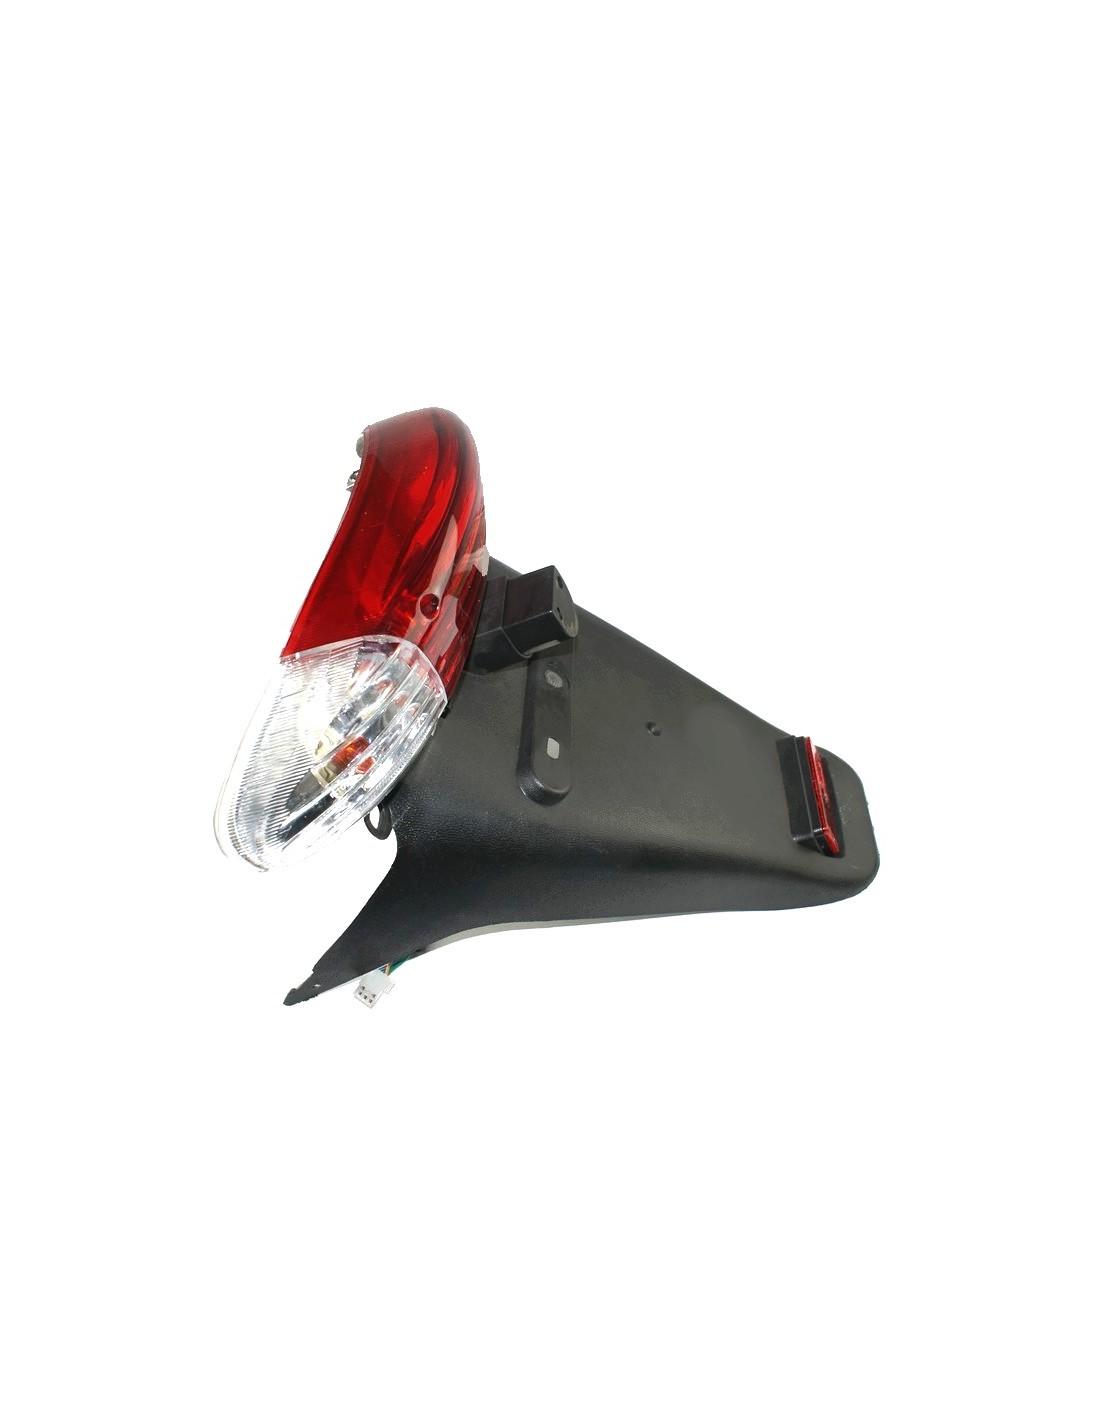 lampa tylna Romet RXL 2T i 4T produkowany od 2009 do 2014